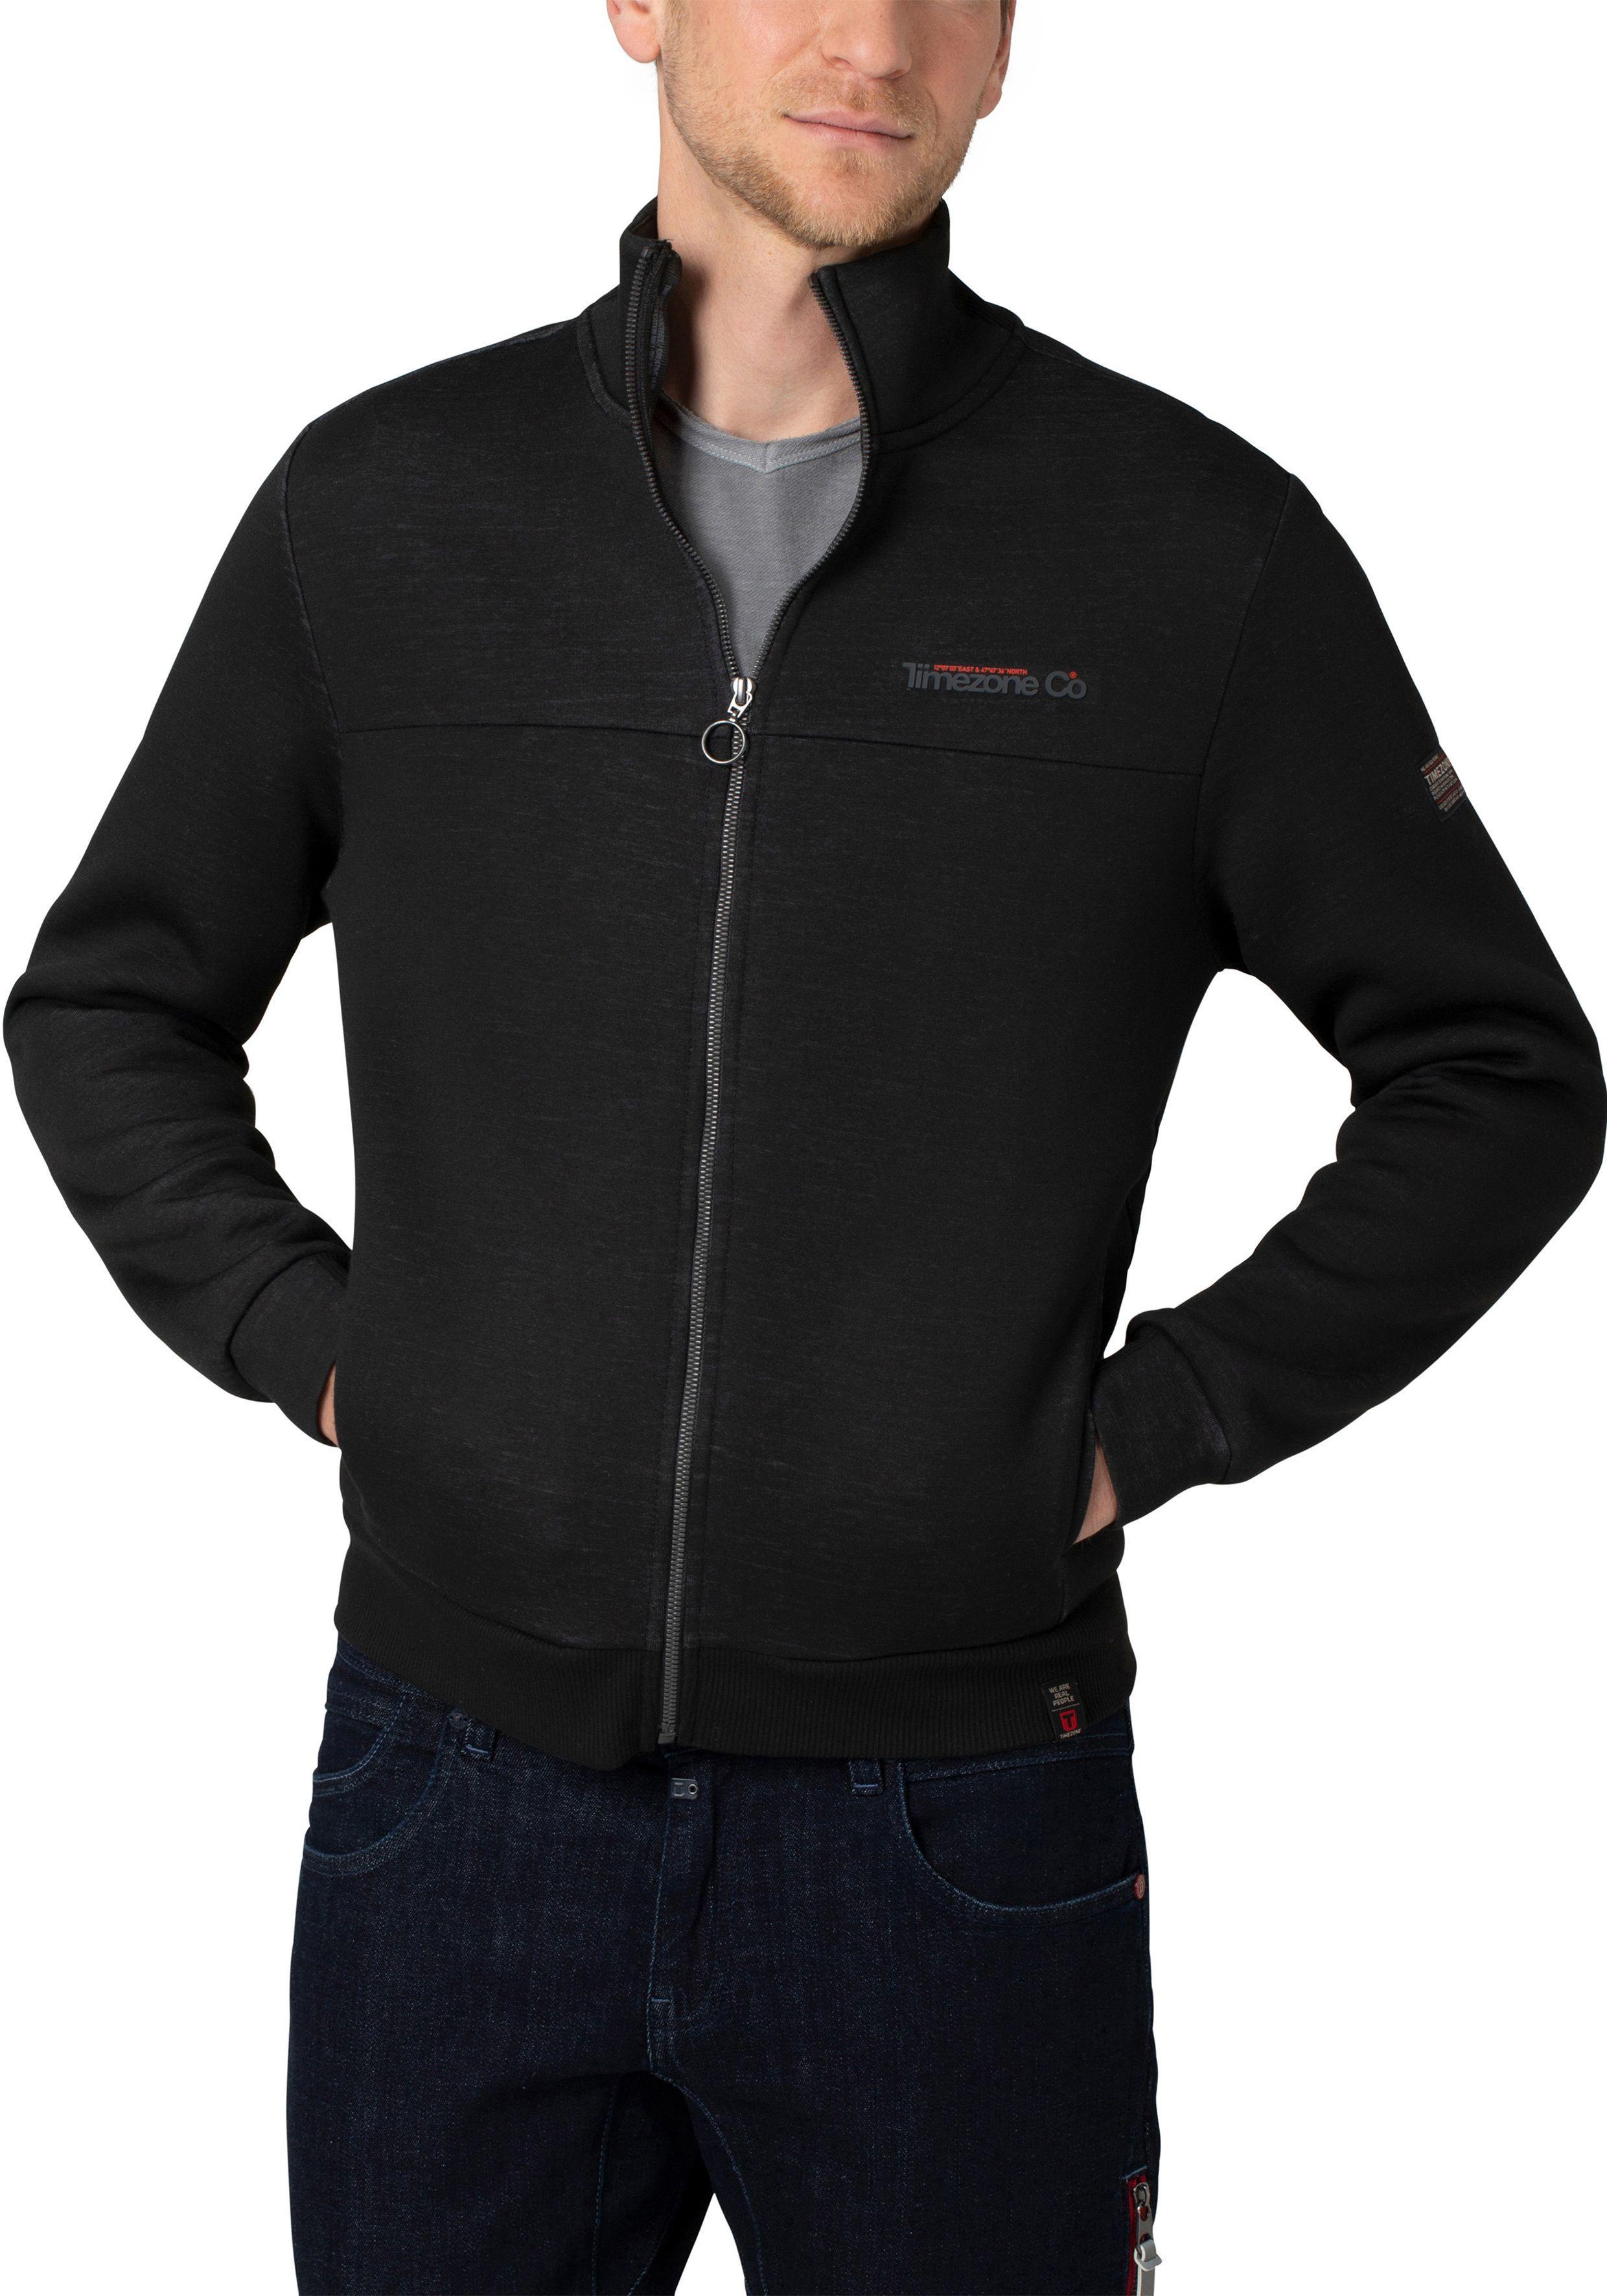 Timezone Hi_Tech Jacket Vest